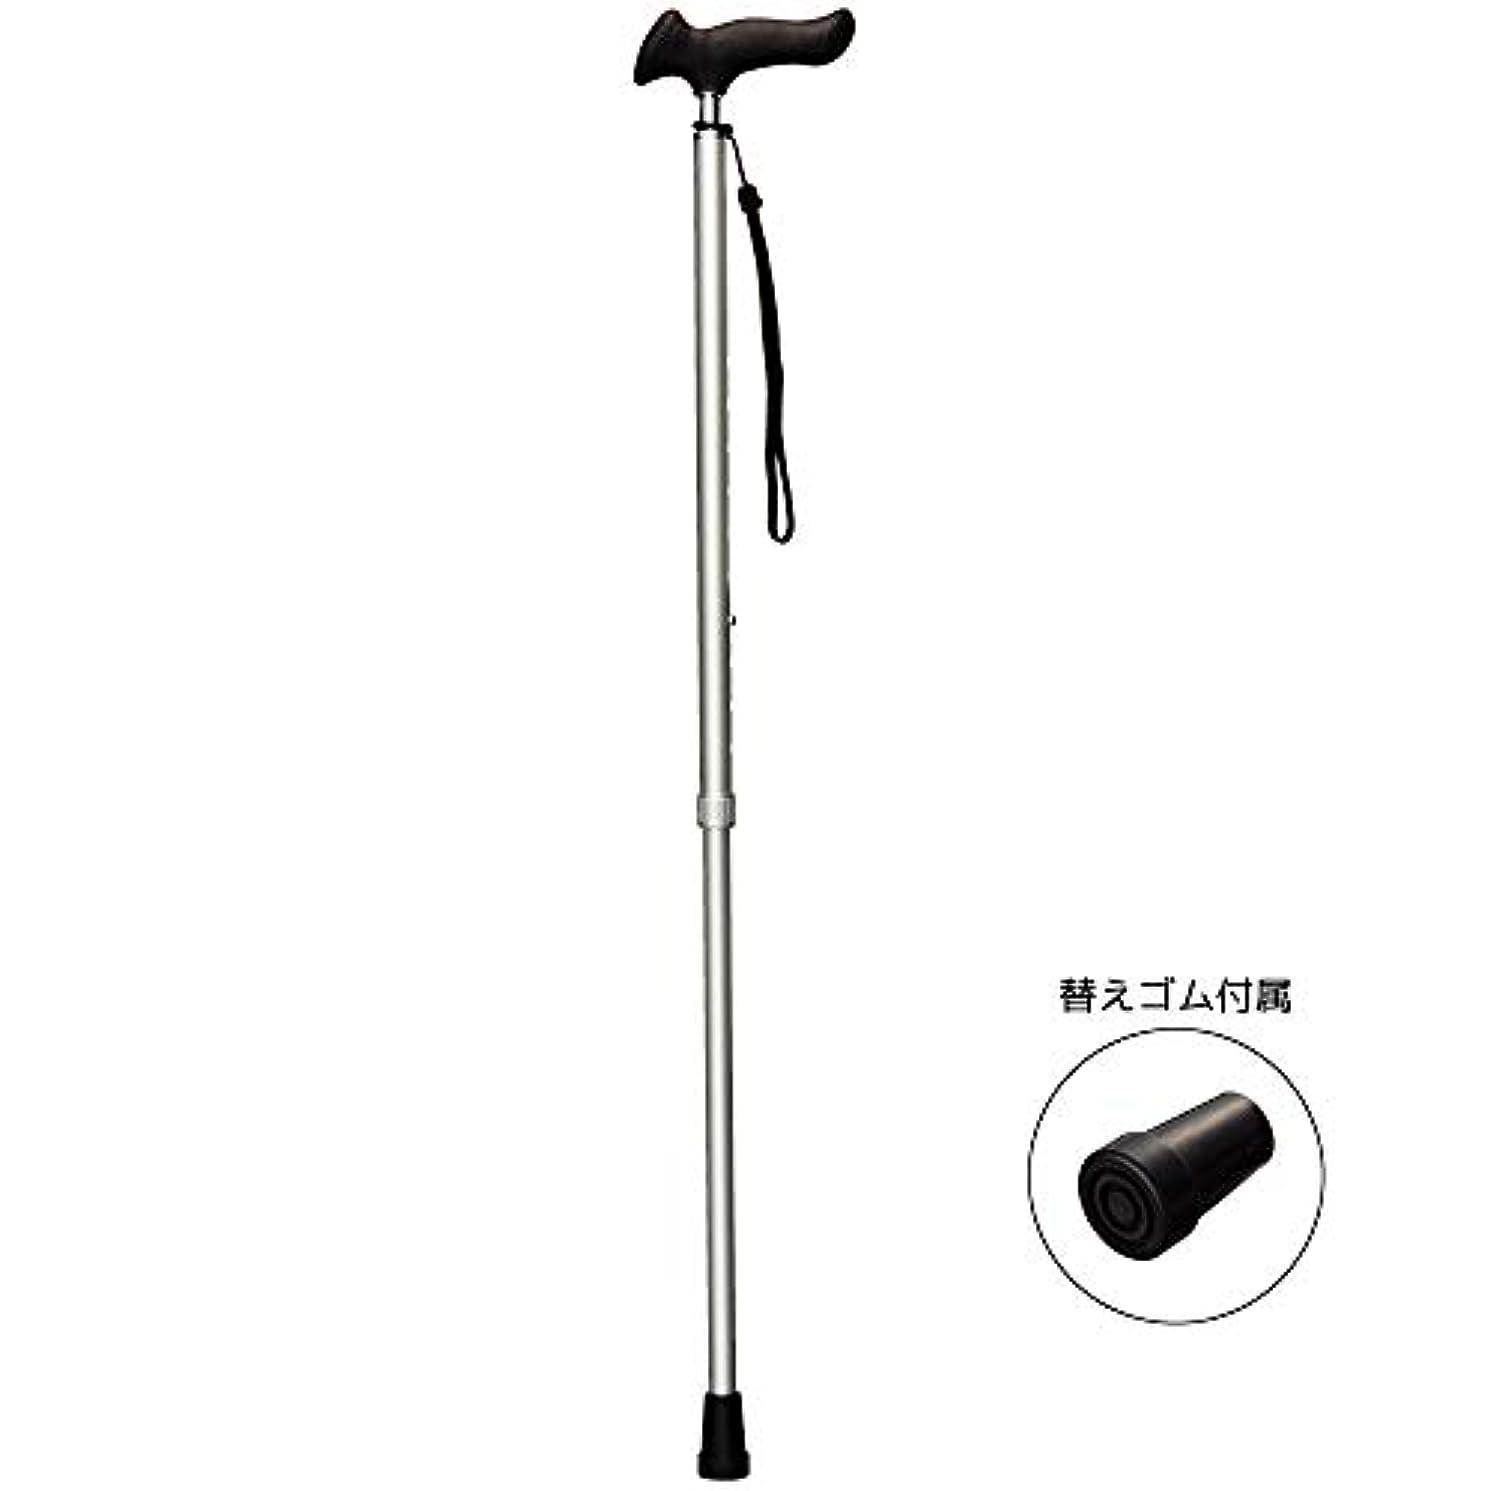 バルコニー安定名前SUNNY ピタグリップ 伸縮杖 樹脂製 ソフトグリップ (リッチシルバー)